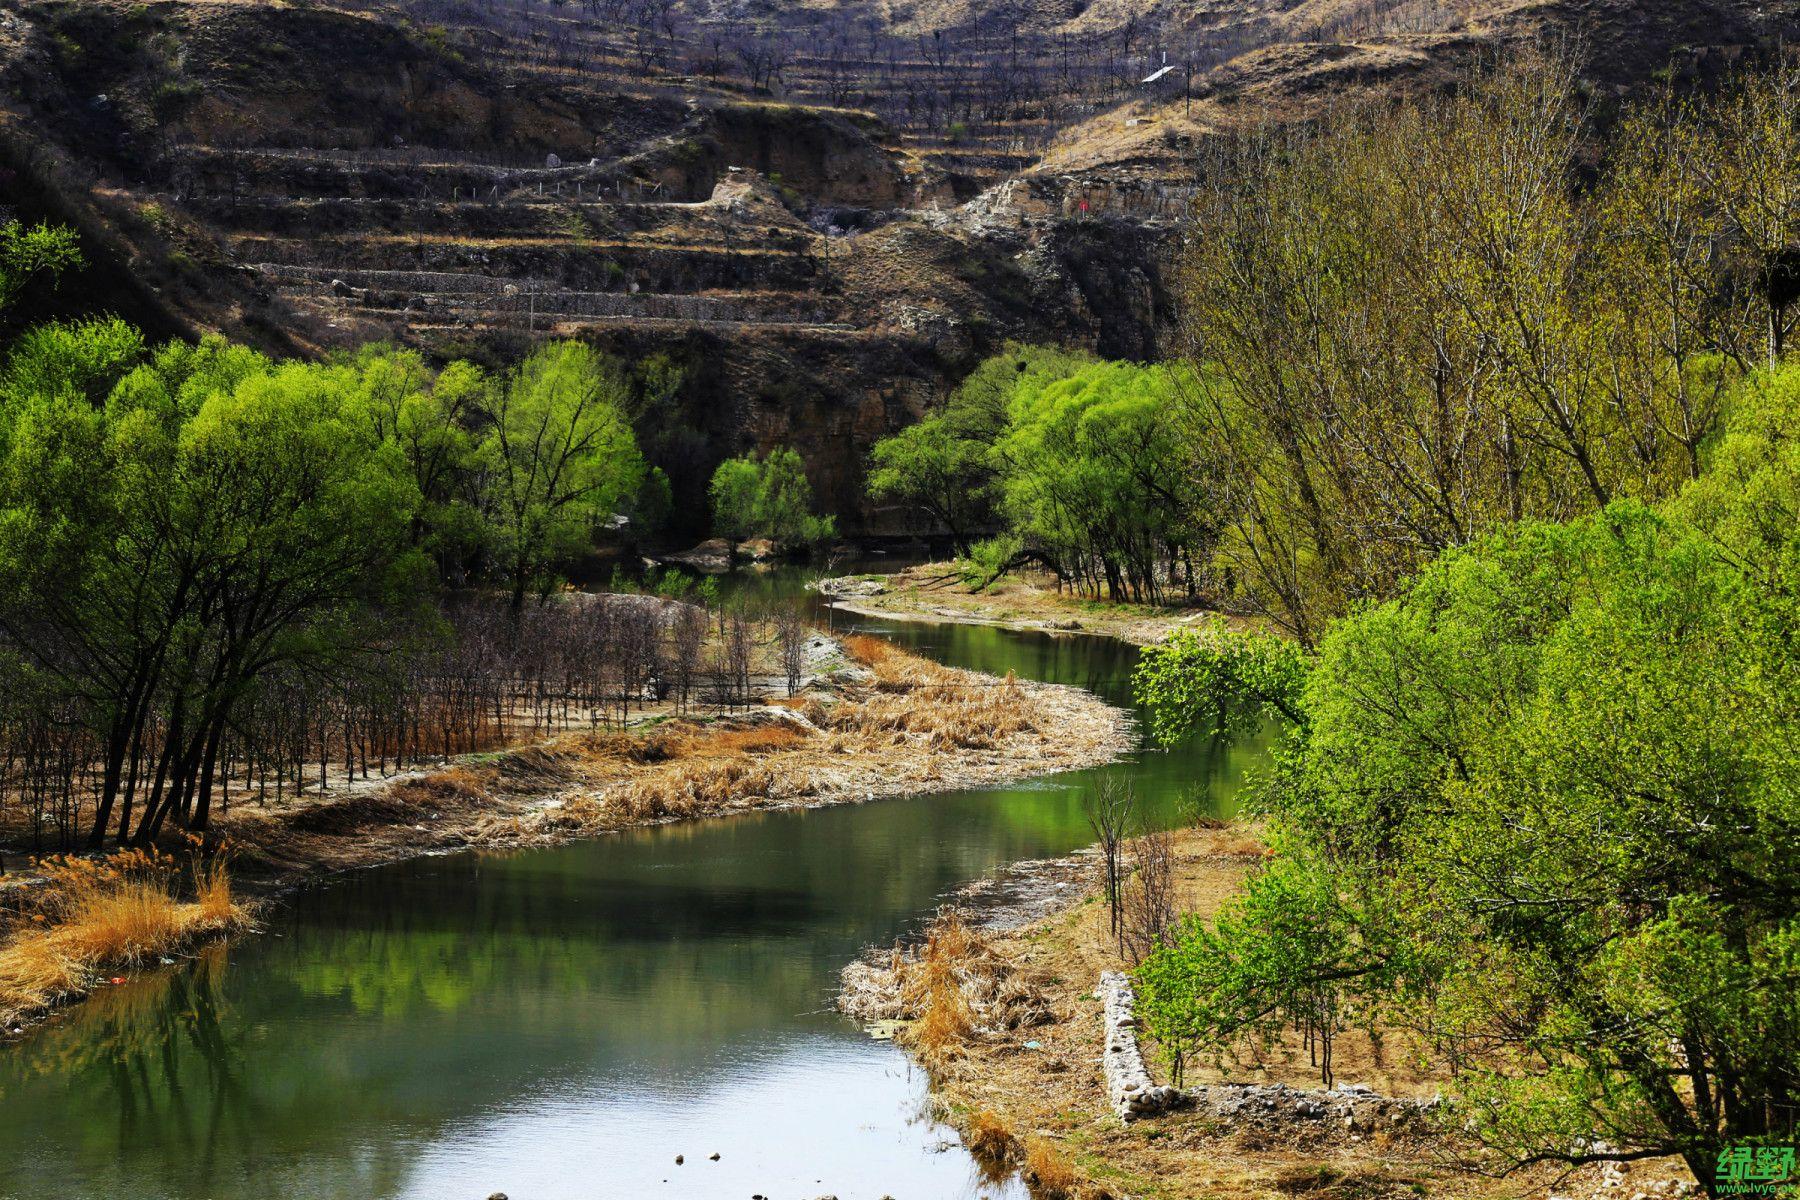 4月9日(周六)沿河城--幽州--永定河大峡谷徒步活动照片